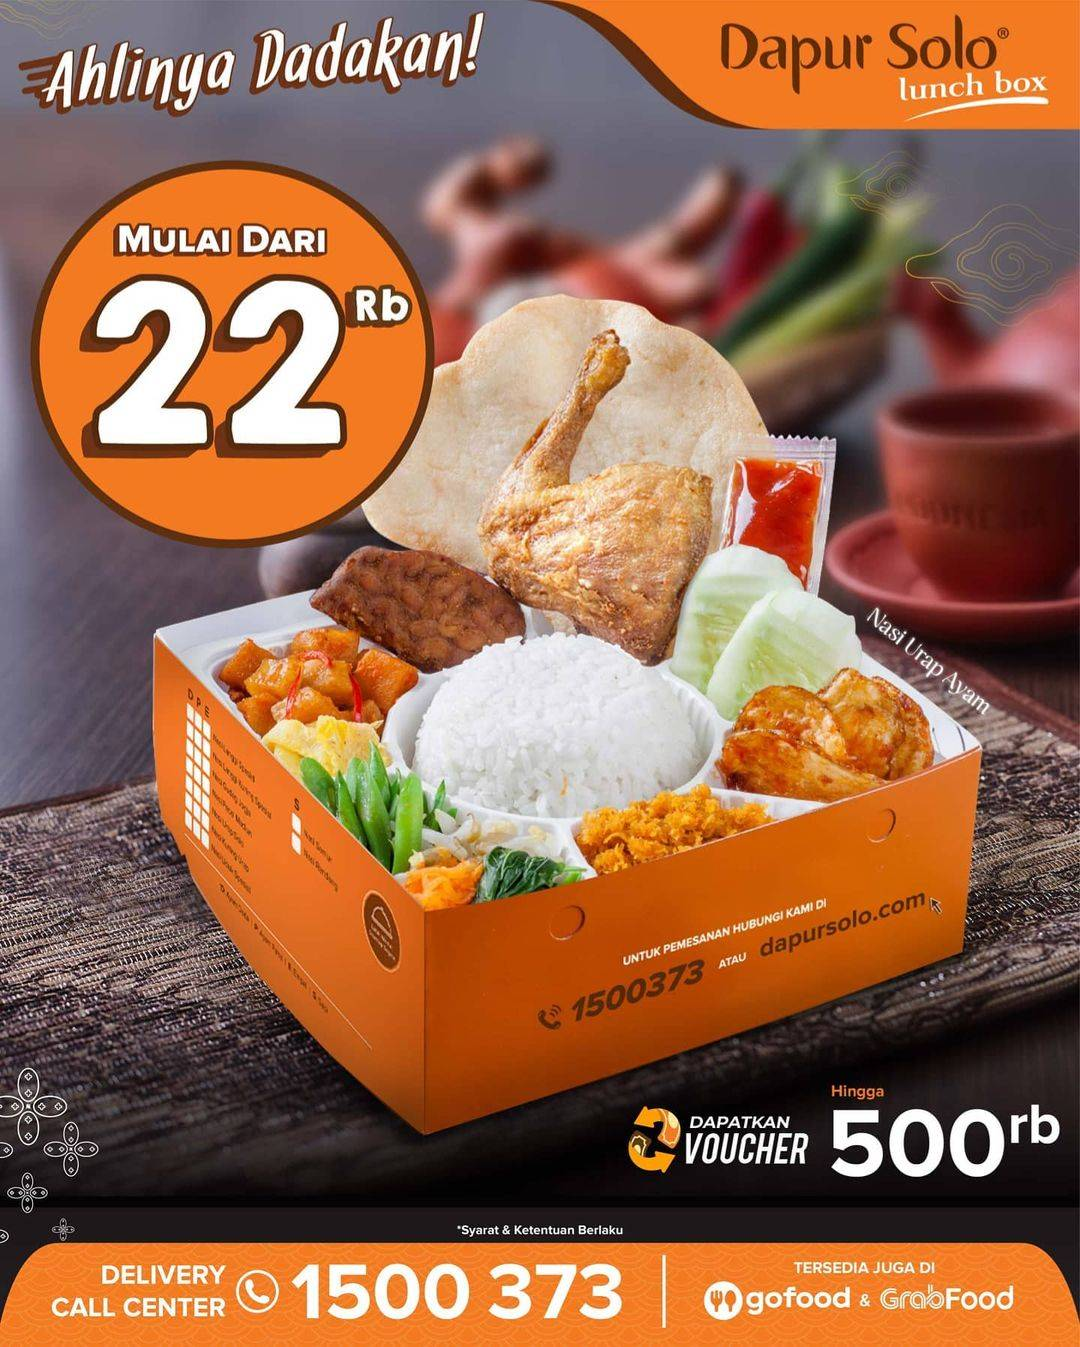 Diskon Dapur Solo Promo Lunch Box Harga Mulai Dari Rp. 22.000